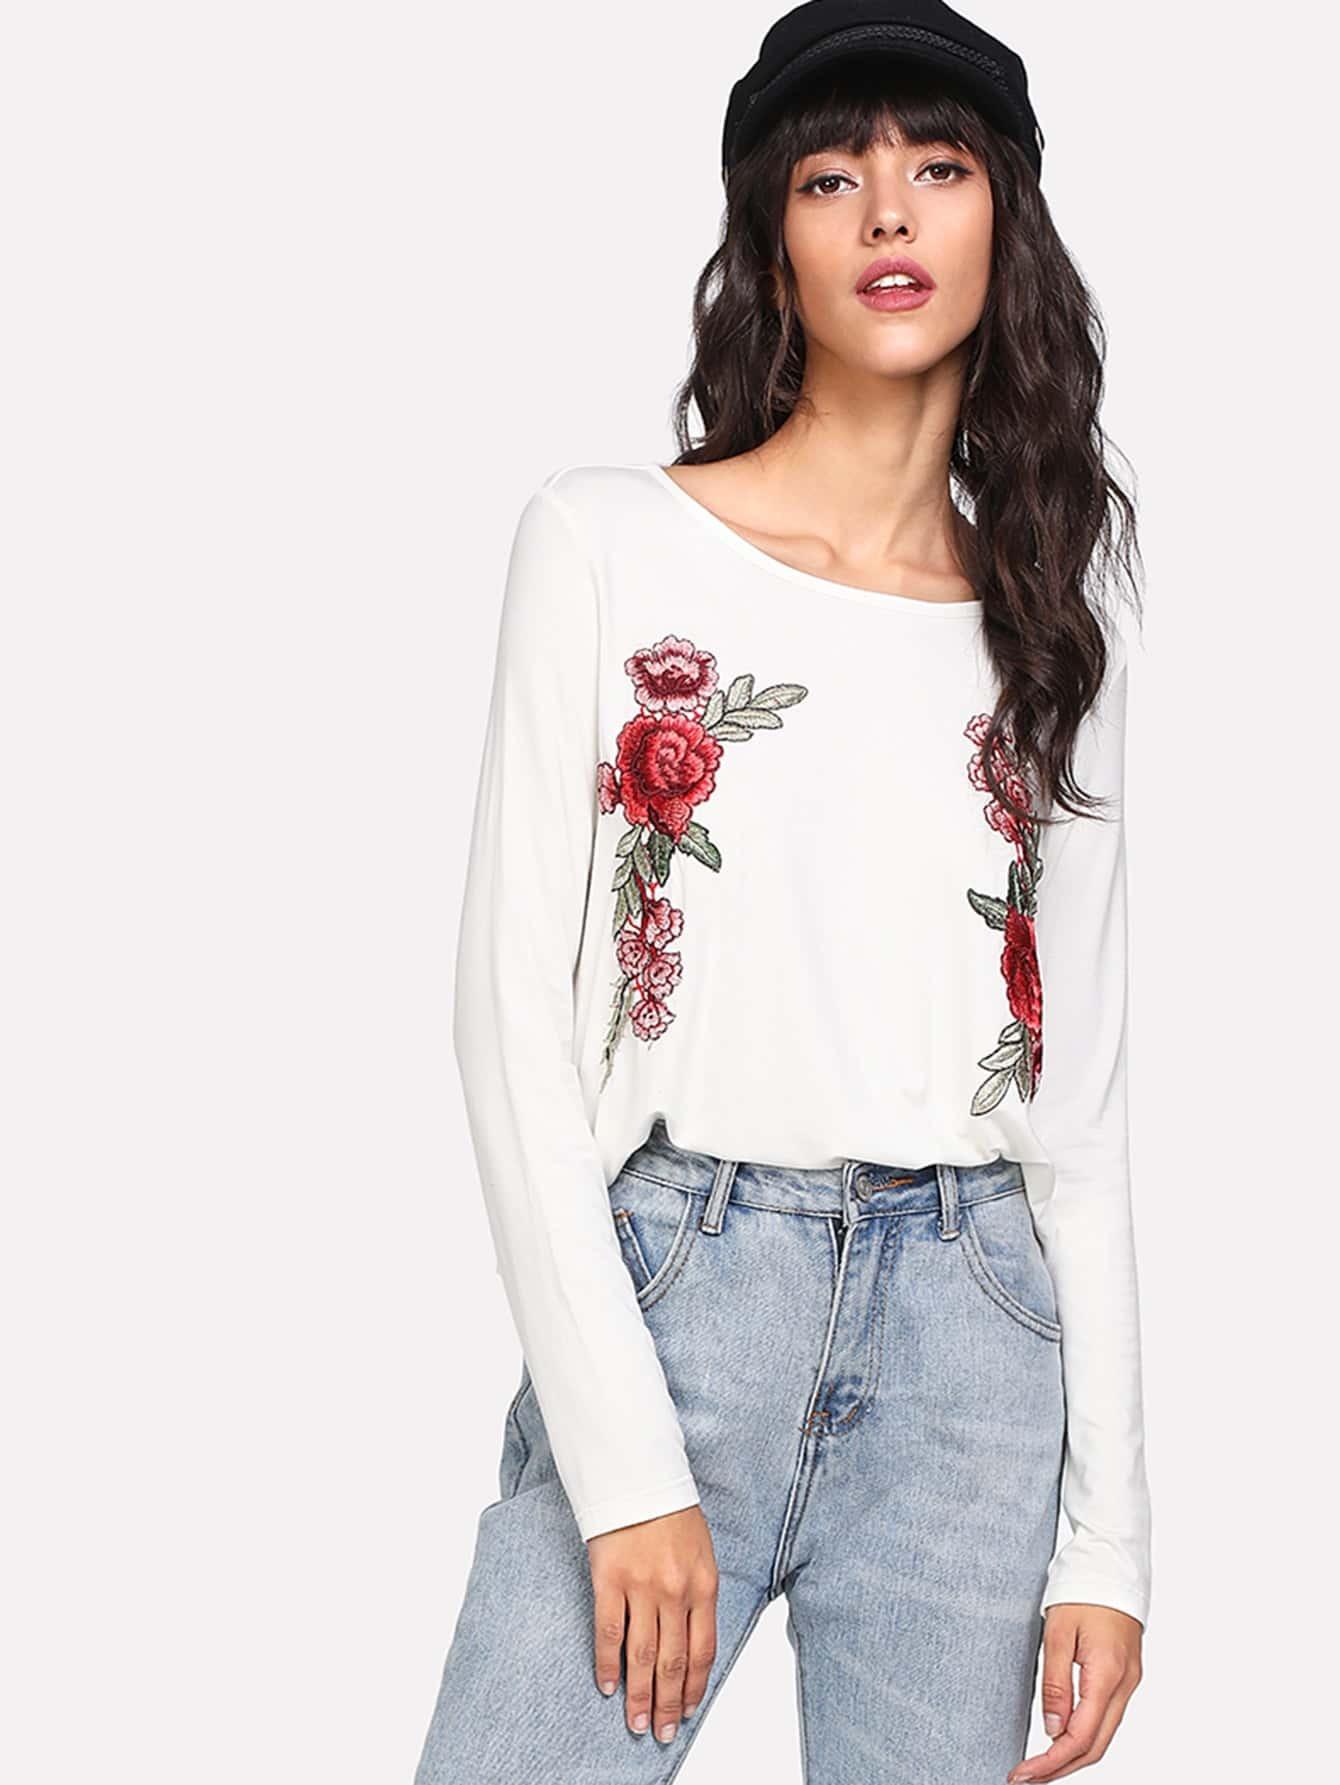 camiseta con bordado de rosa - shein espa09a